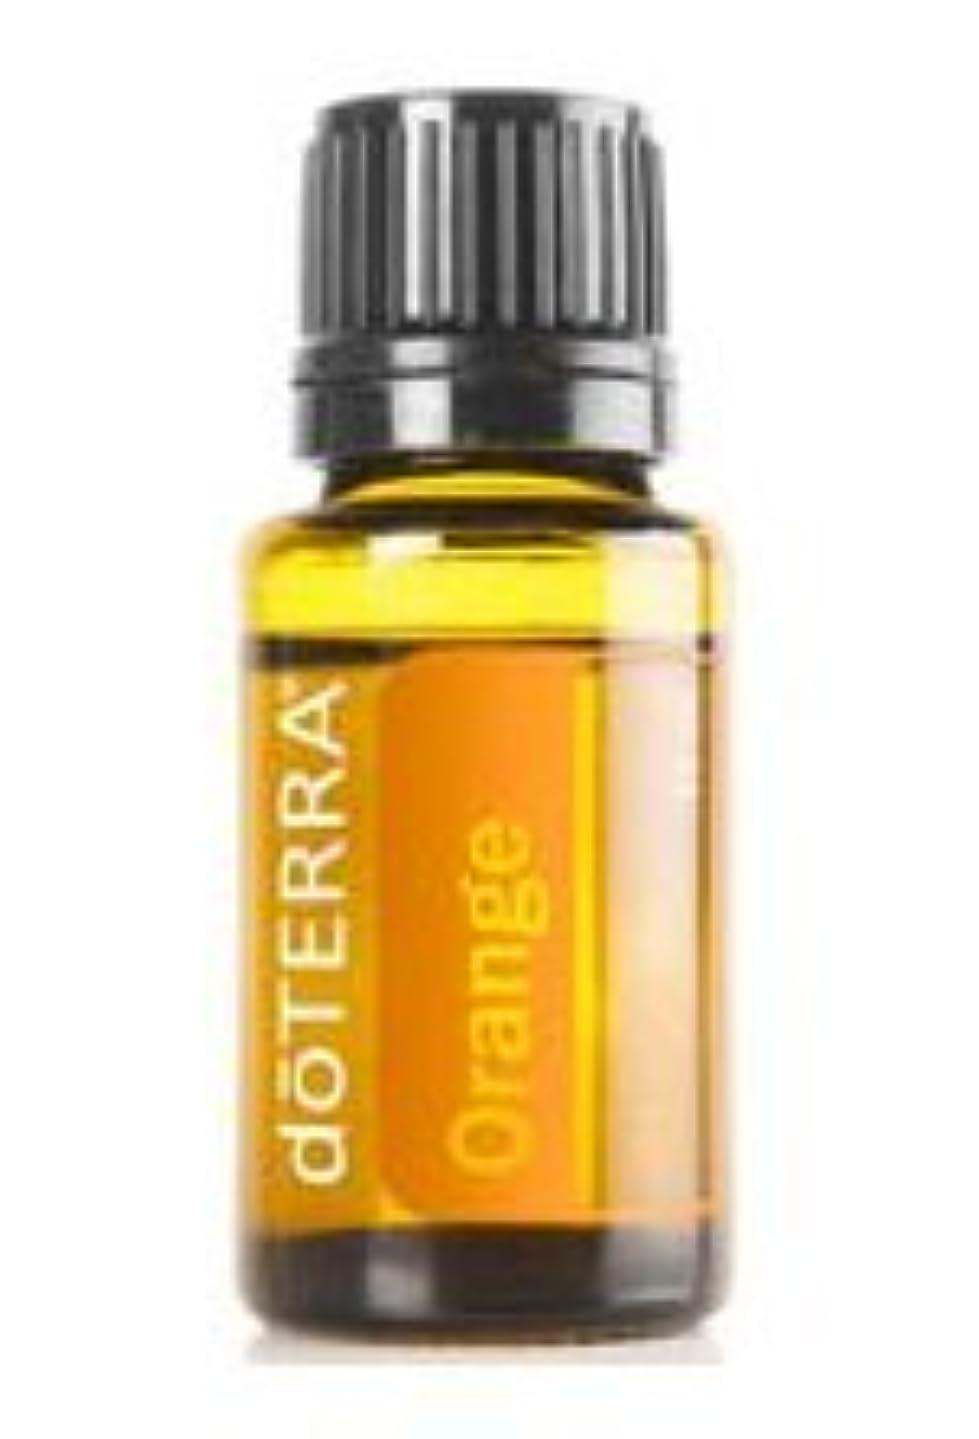 今日偽造置換【doTERRA】 100%天然 エッセンシャルアロマオイル doTERRA オレンジ 15mL アロマオイル メディカルアロマ